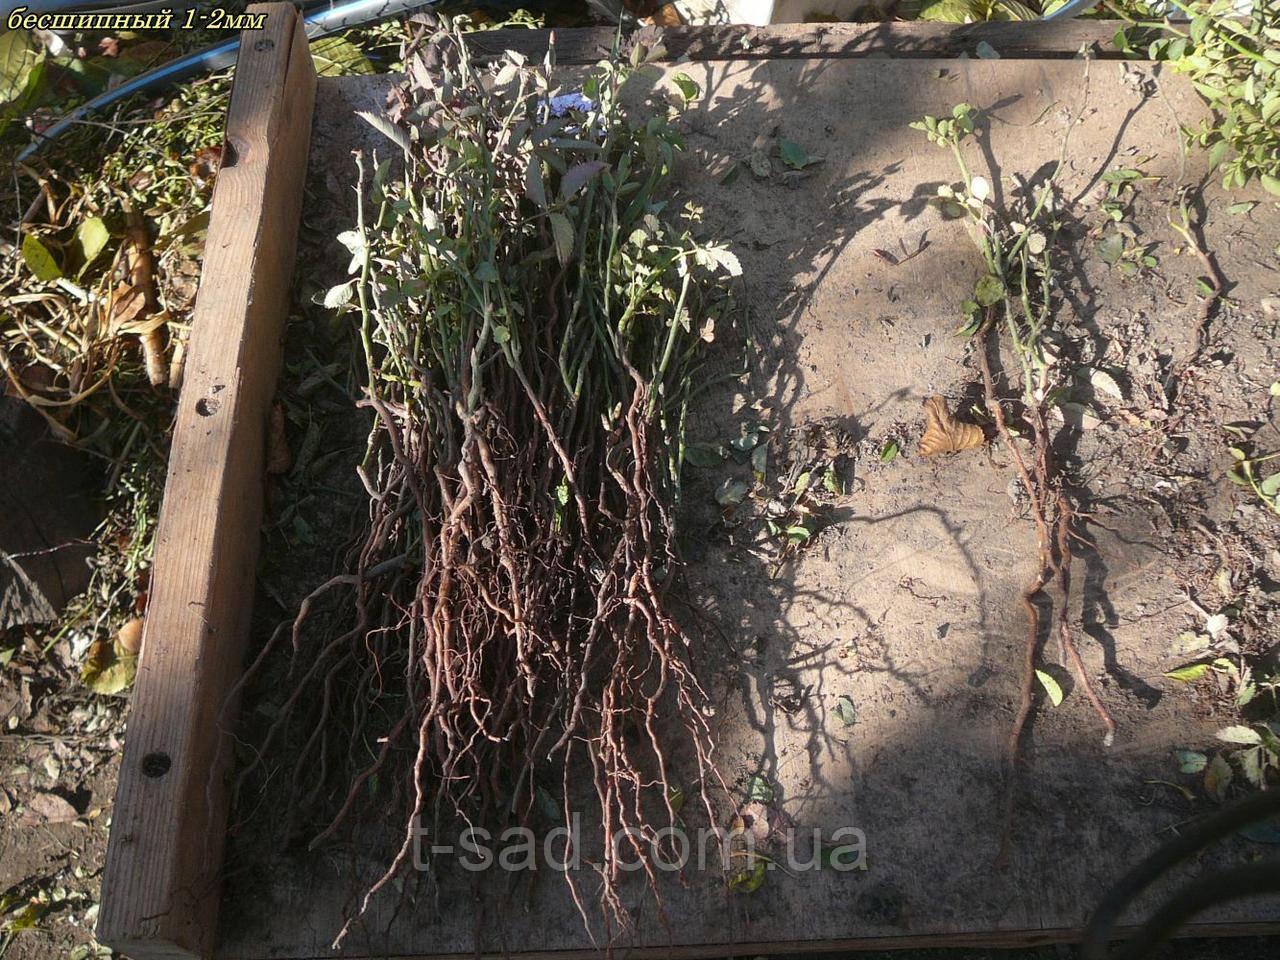 Сеянцы шиповника  Донецкий безшипный, Rosa canina(подвой для роз)1- 2-мм